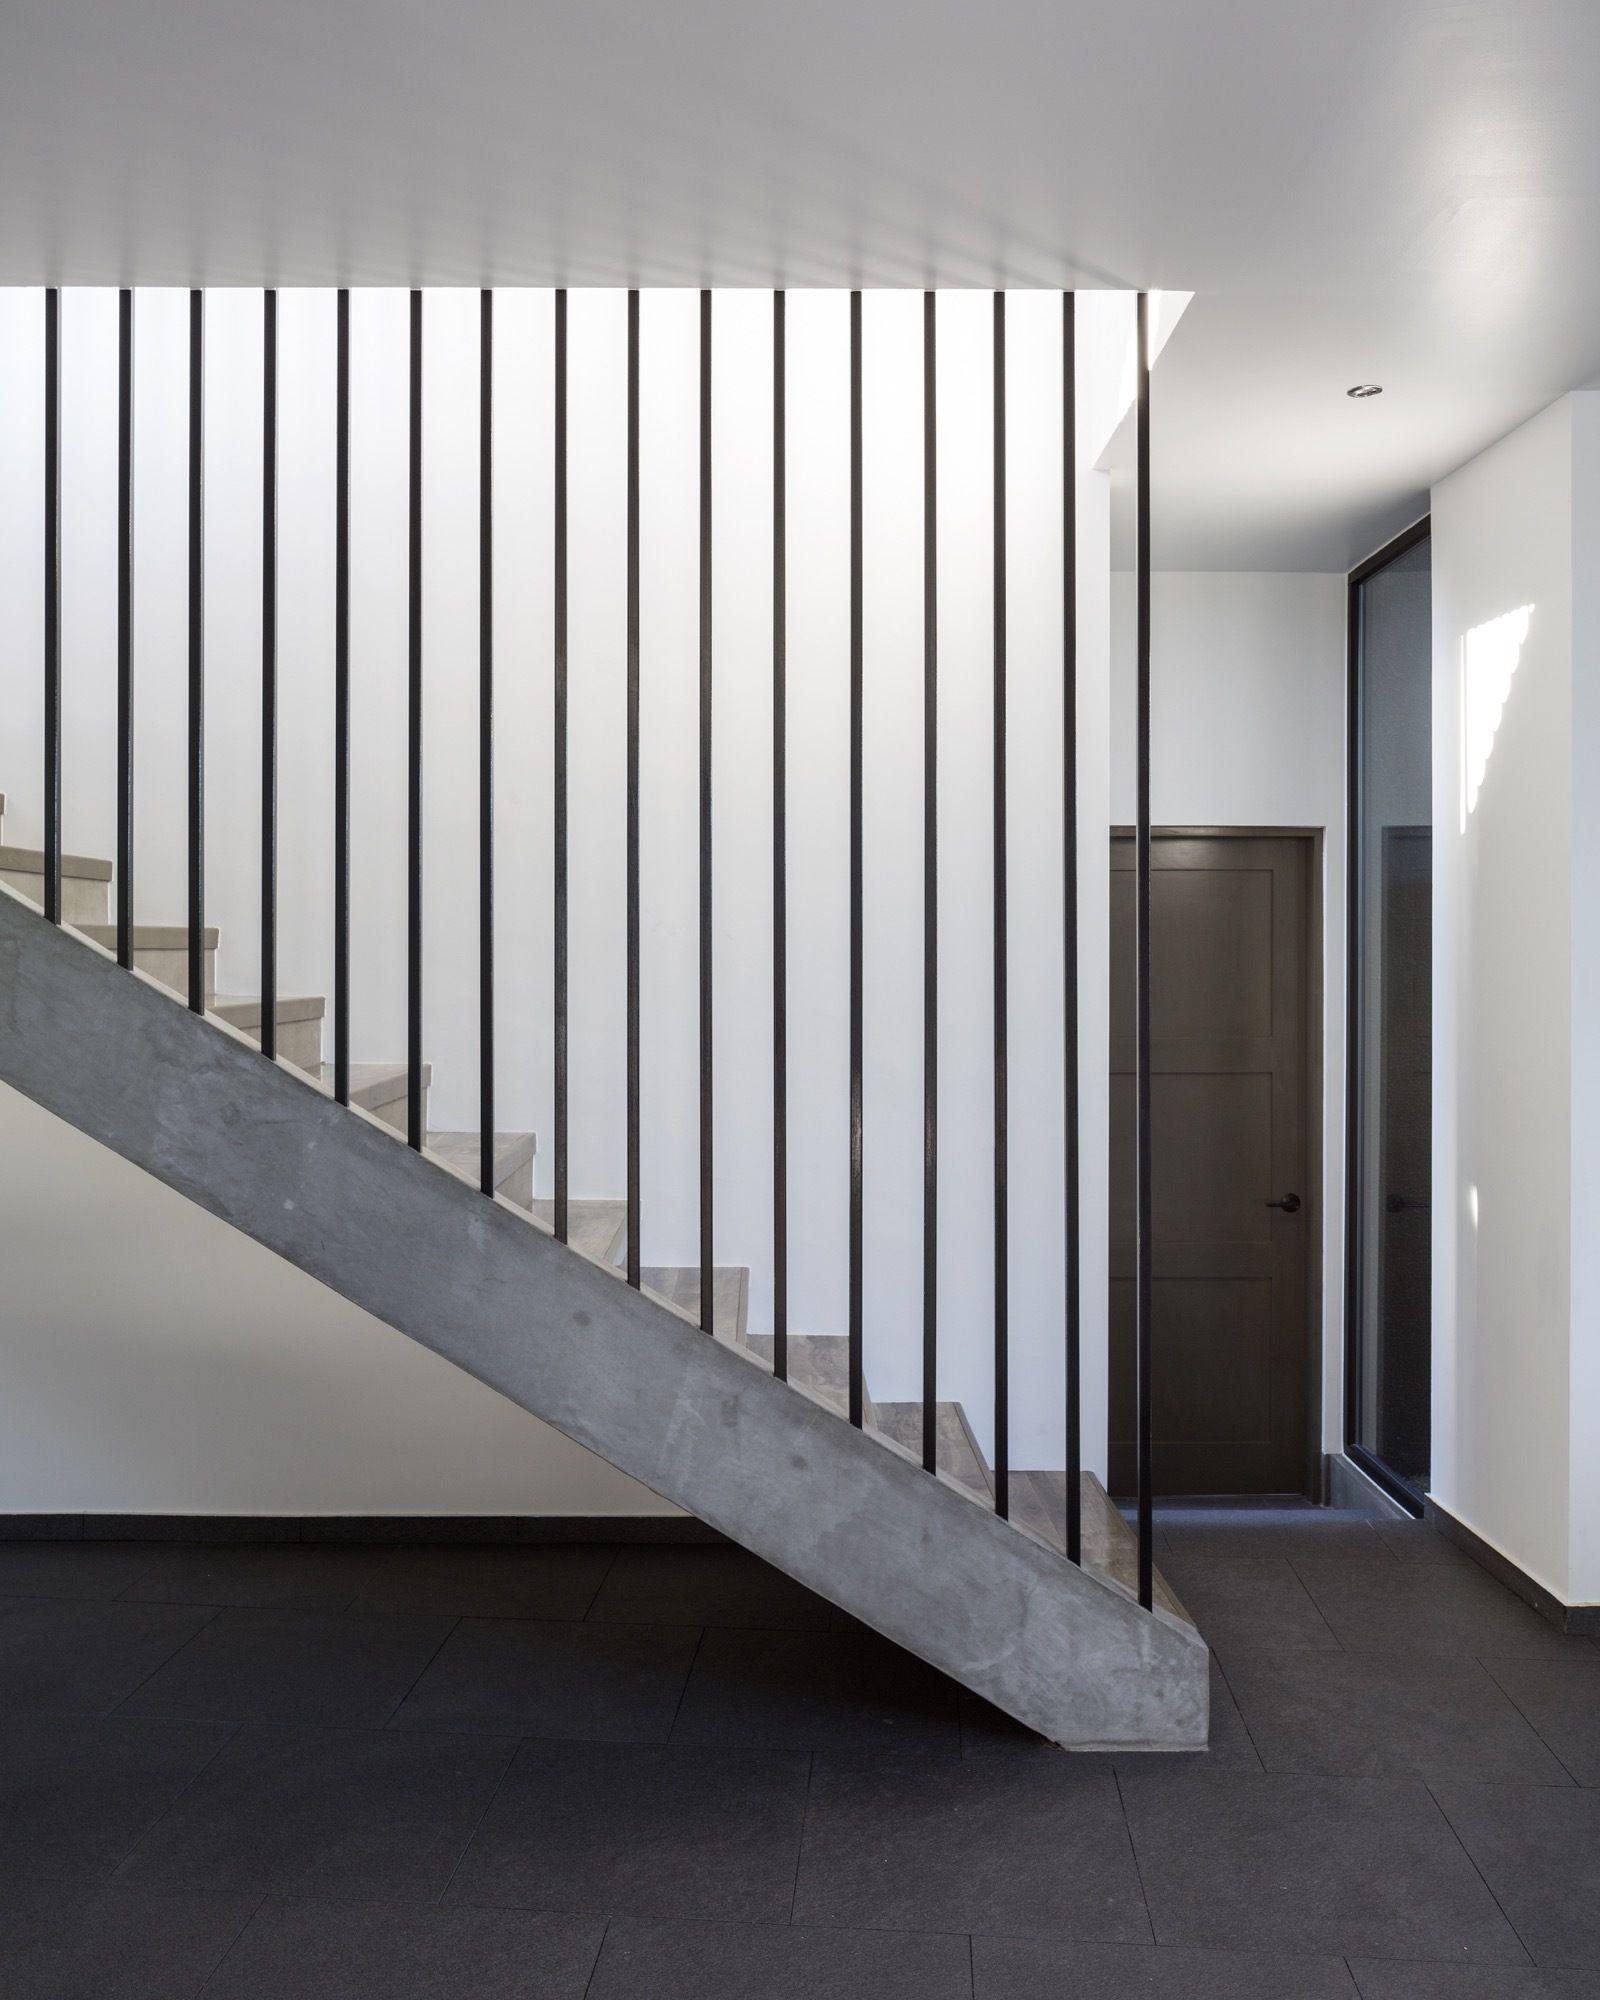 Galeria De Casas Exteriores: Galería De Casa TLP / T38 Studio - 3